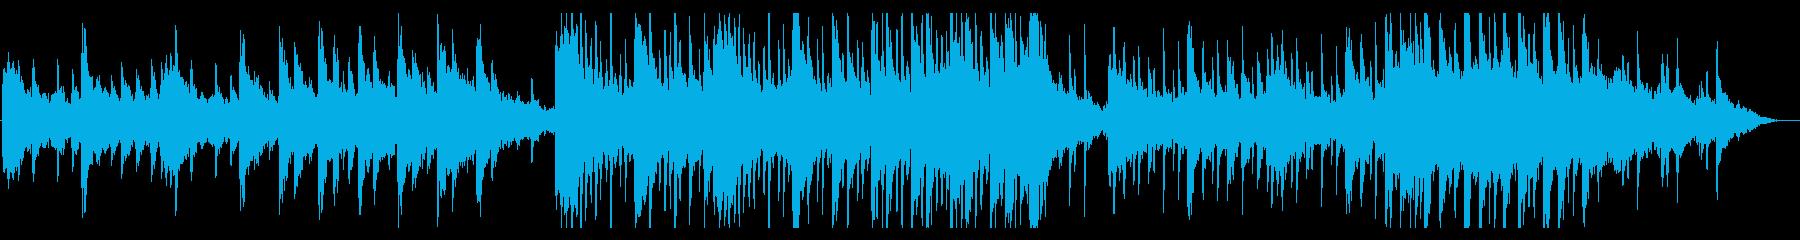 広大な風景をイメージしたピアノメインの曲の再生済みの波形